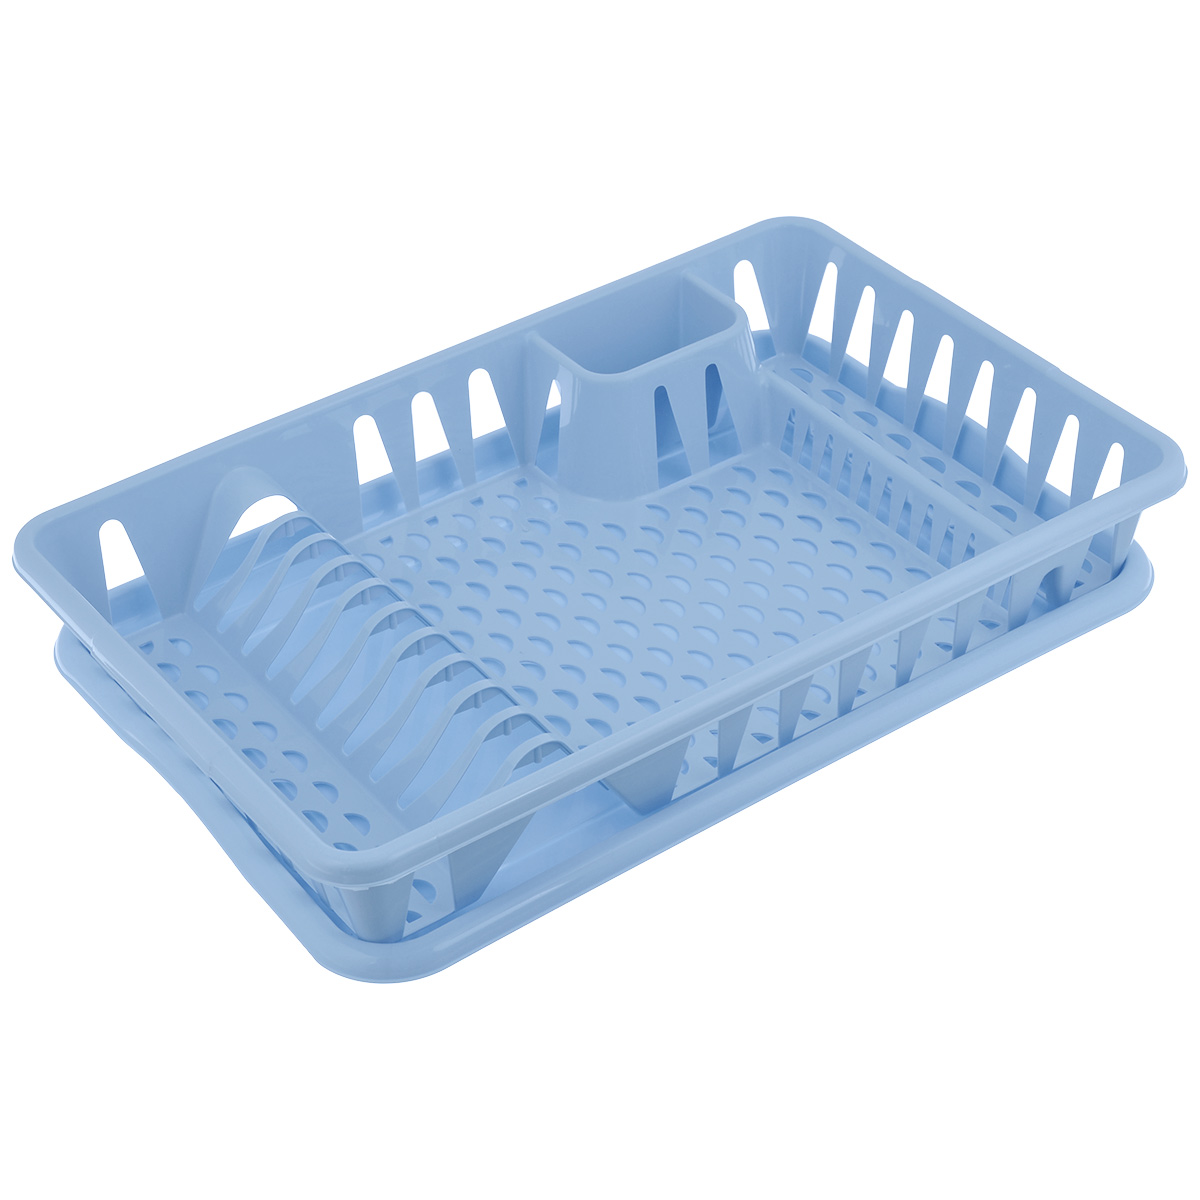 Сушилка для посуды Idea, с поддоном, цвет: голубой, 50 см х 32,5 см х 8 см93-TR-05-02Сушилка Idea, выполненная из прочного пластика, представляет собой решетку с ячейками, в которые помещается посуда: тарелки, кружки, ложки, ножи. Изделие оснащено пластиковым поддоном для стекания воды. Сушилку можно установить в любом удобном месте. На ней можно разместить большое количество предметов. Вместительные размеры и оригинальный дизайн выделяют эту сушку из ряда подобных.Размер сушилки: 46,5 см х 37 см х 9 см. Размер поддона: 48,5см х 32 см х 2,5 см.